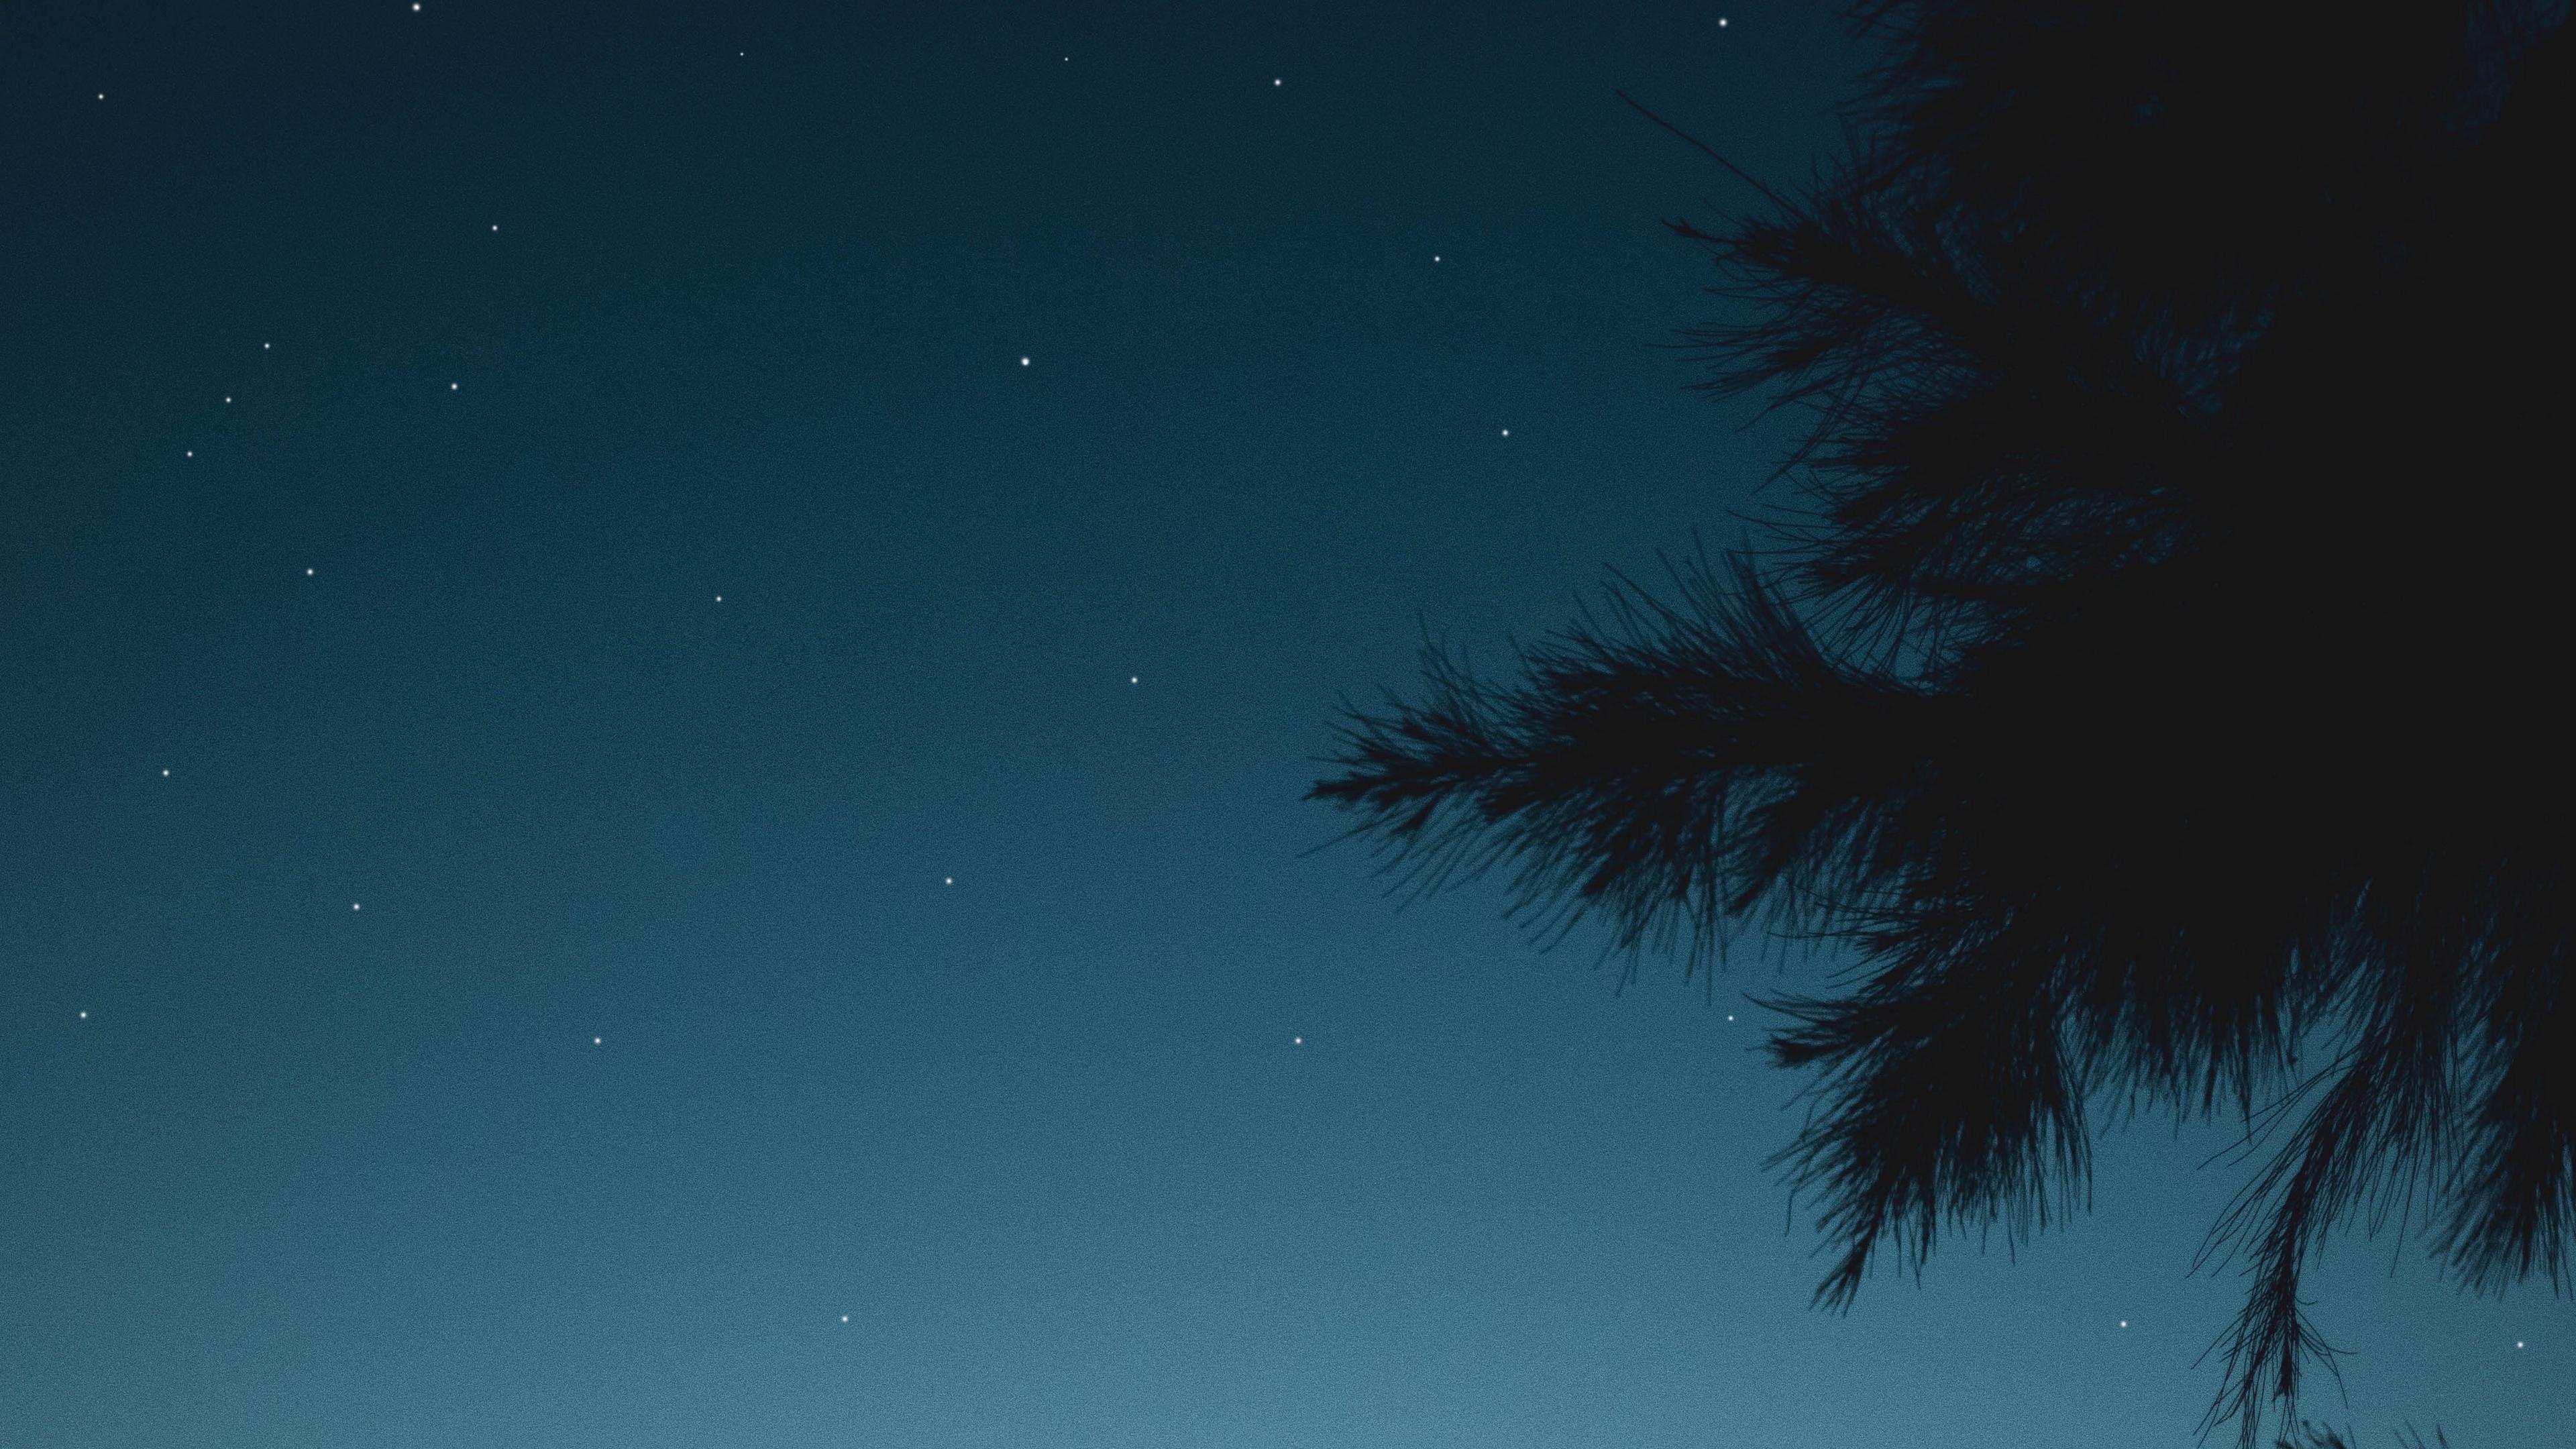 branch night starry sky 4k 1541117373 - branch, night, starry sky 4k - starry sky, Night, branch